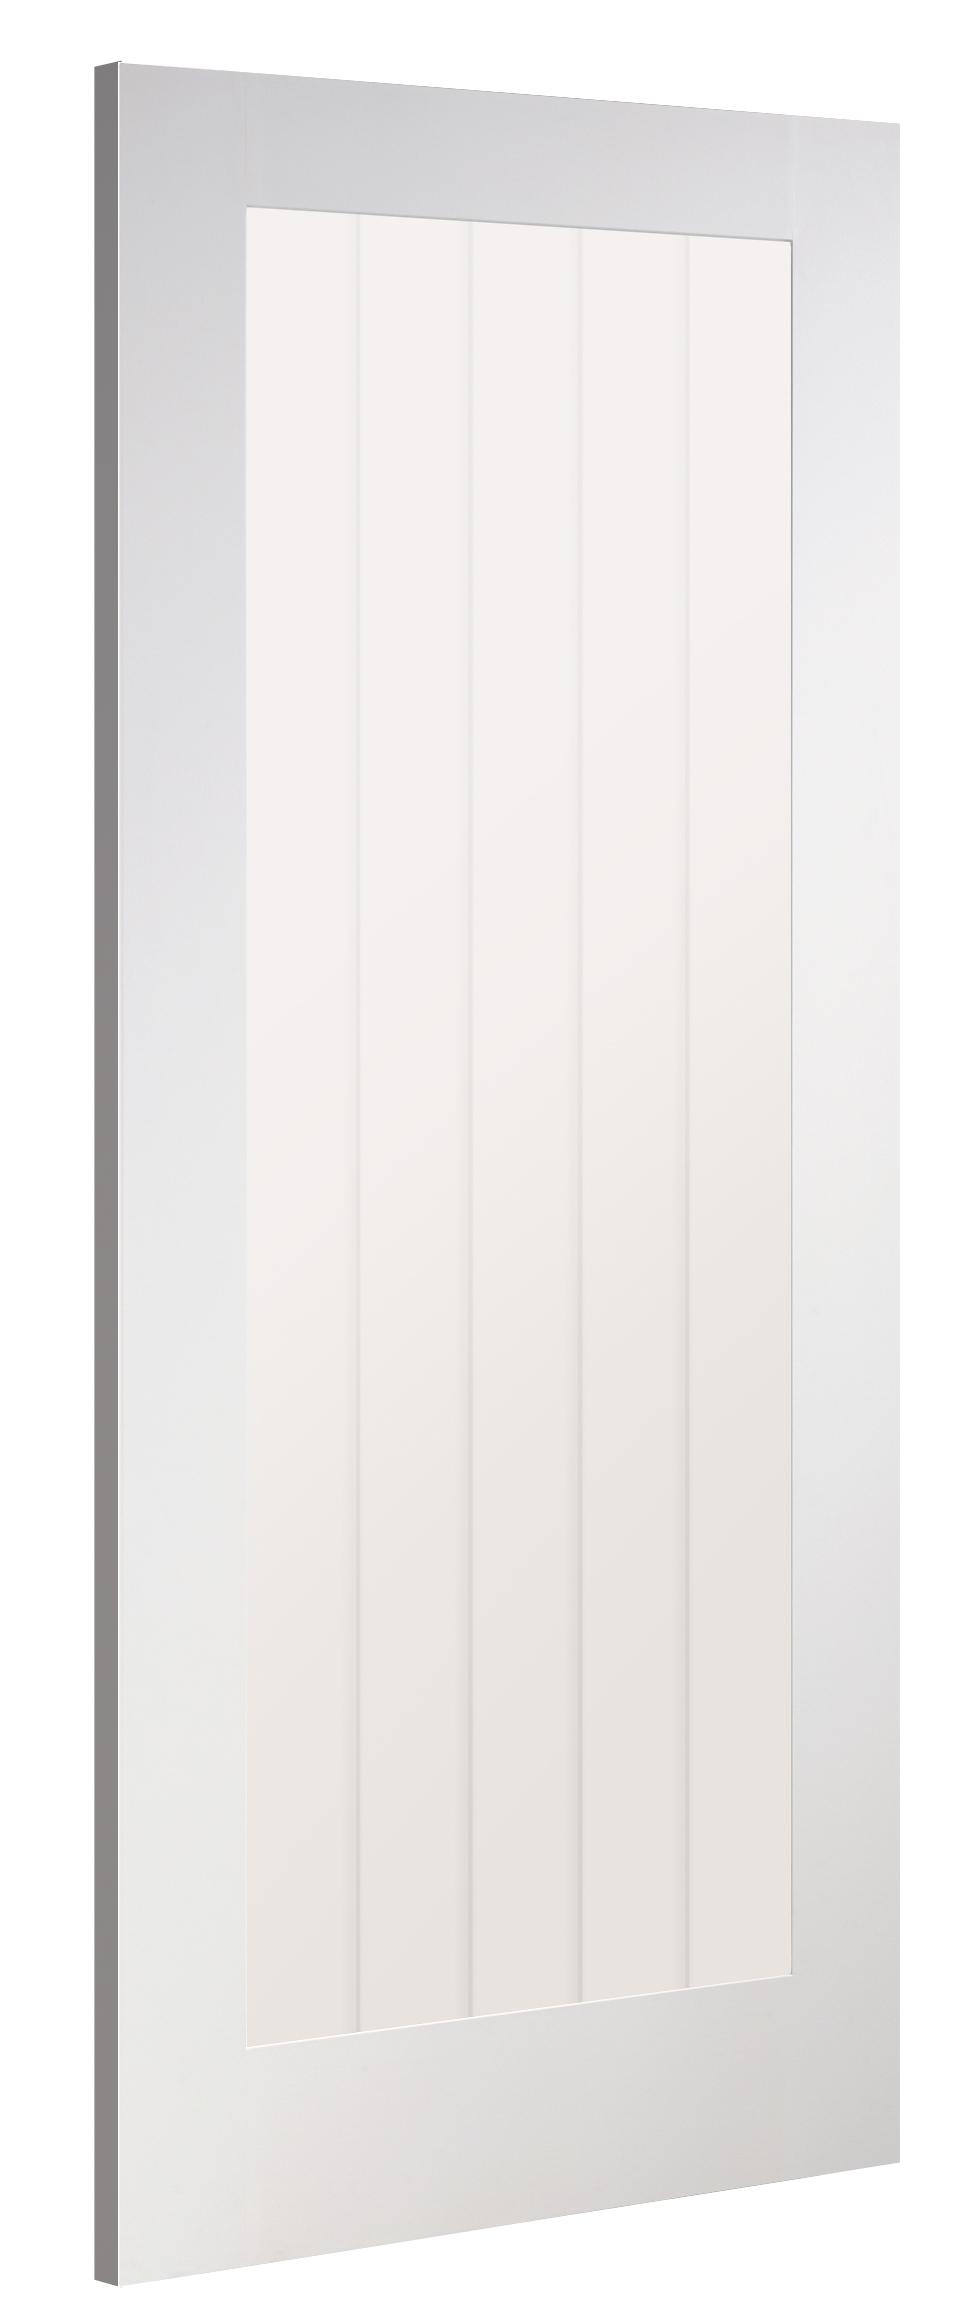 Primed Doors HP21G-B